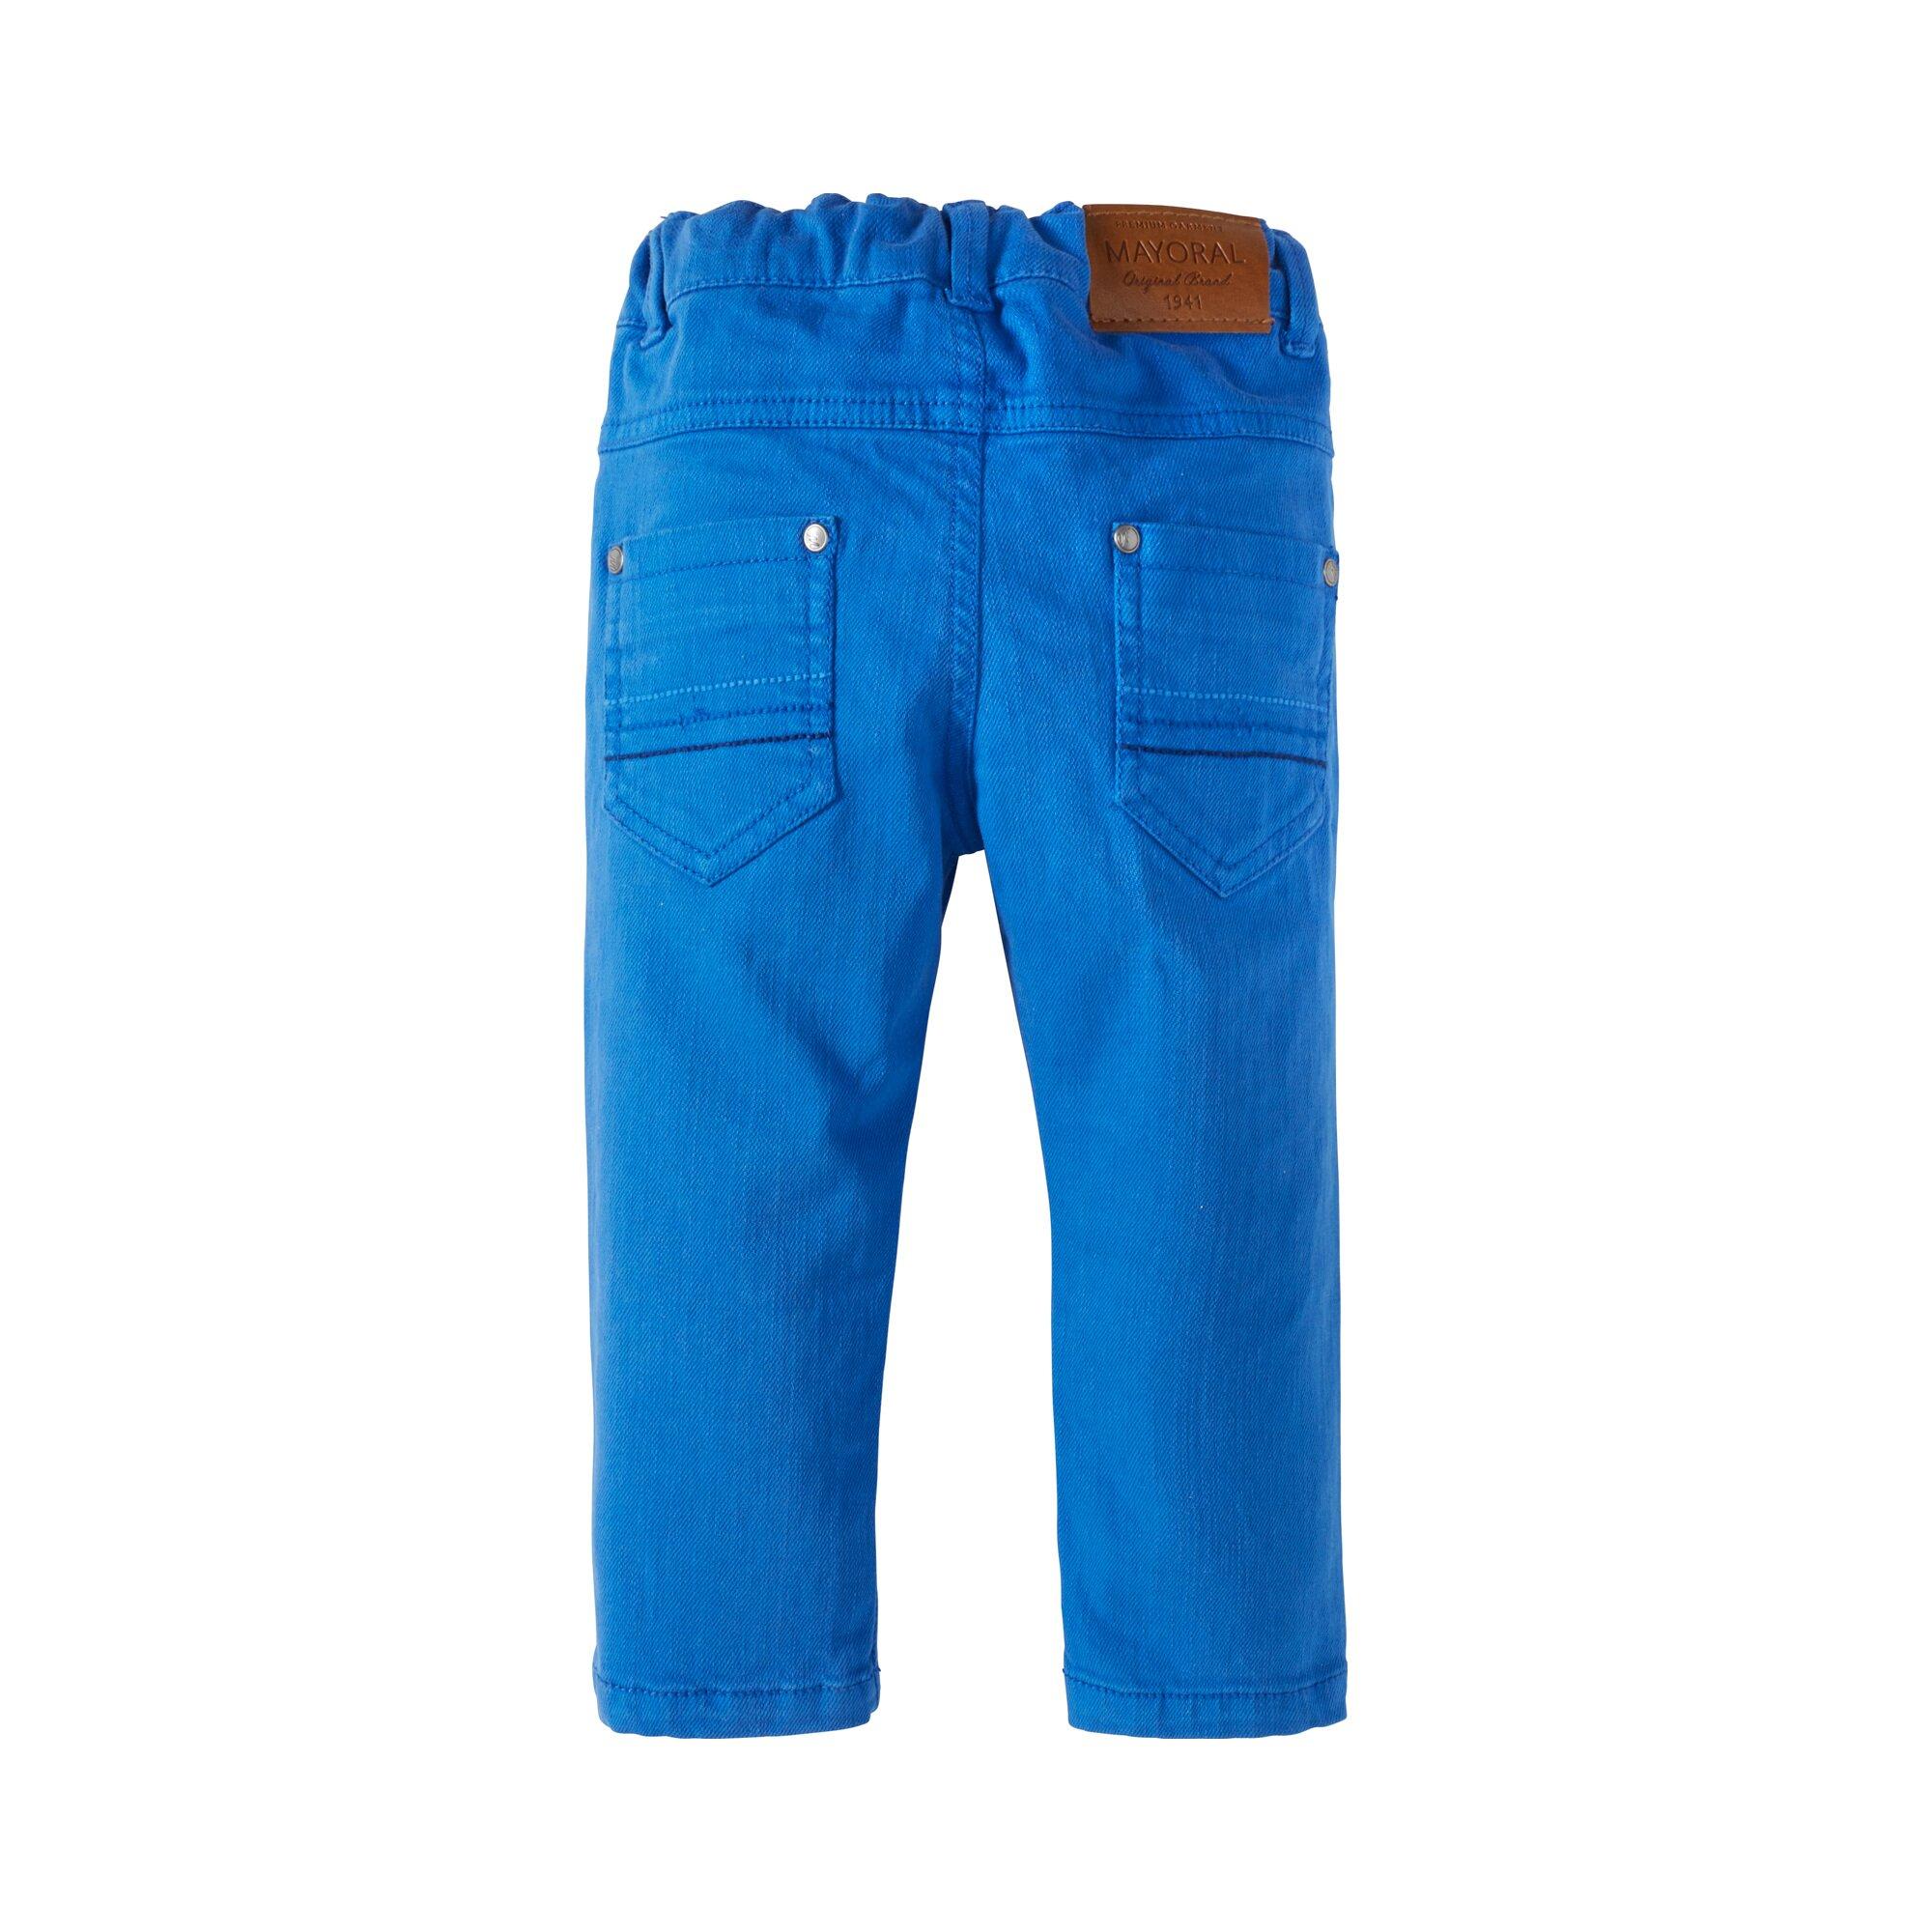 mayoral-hose-5-pocket